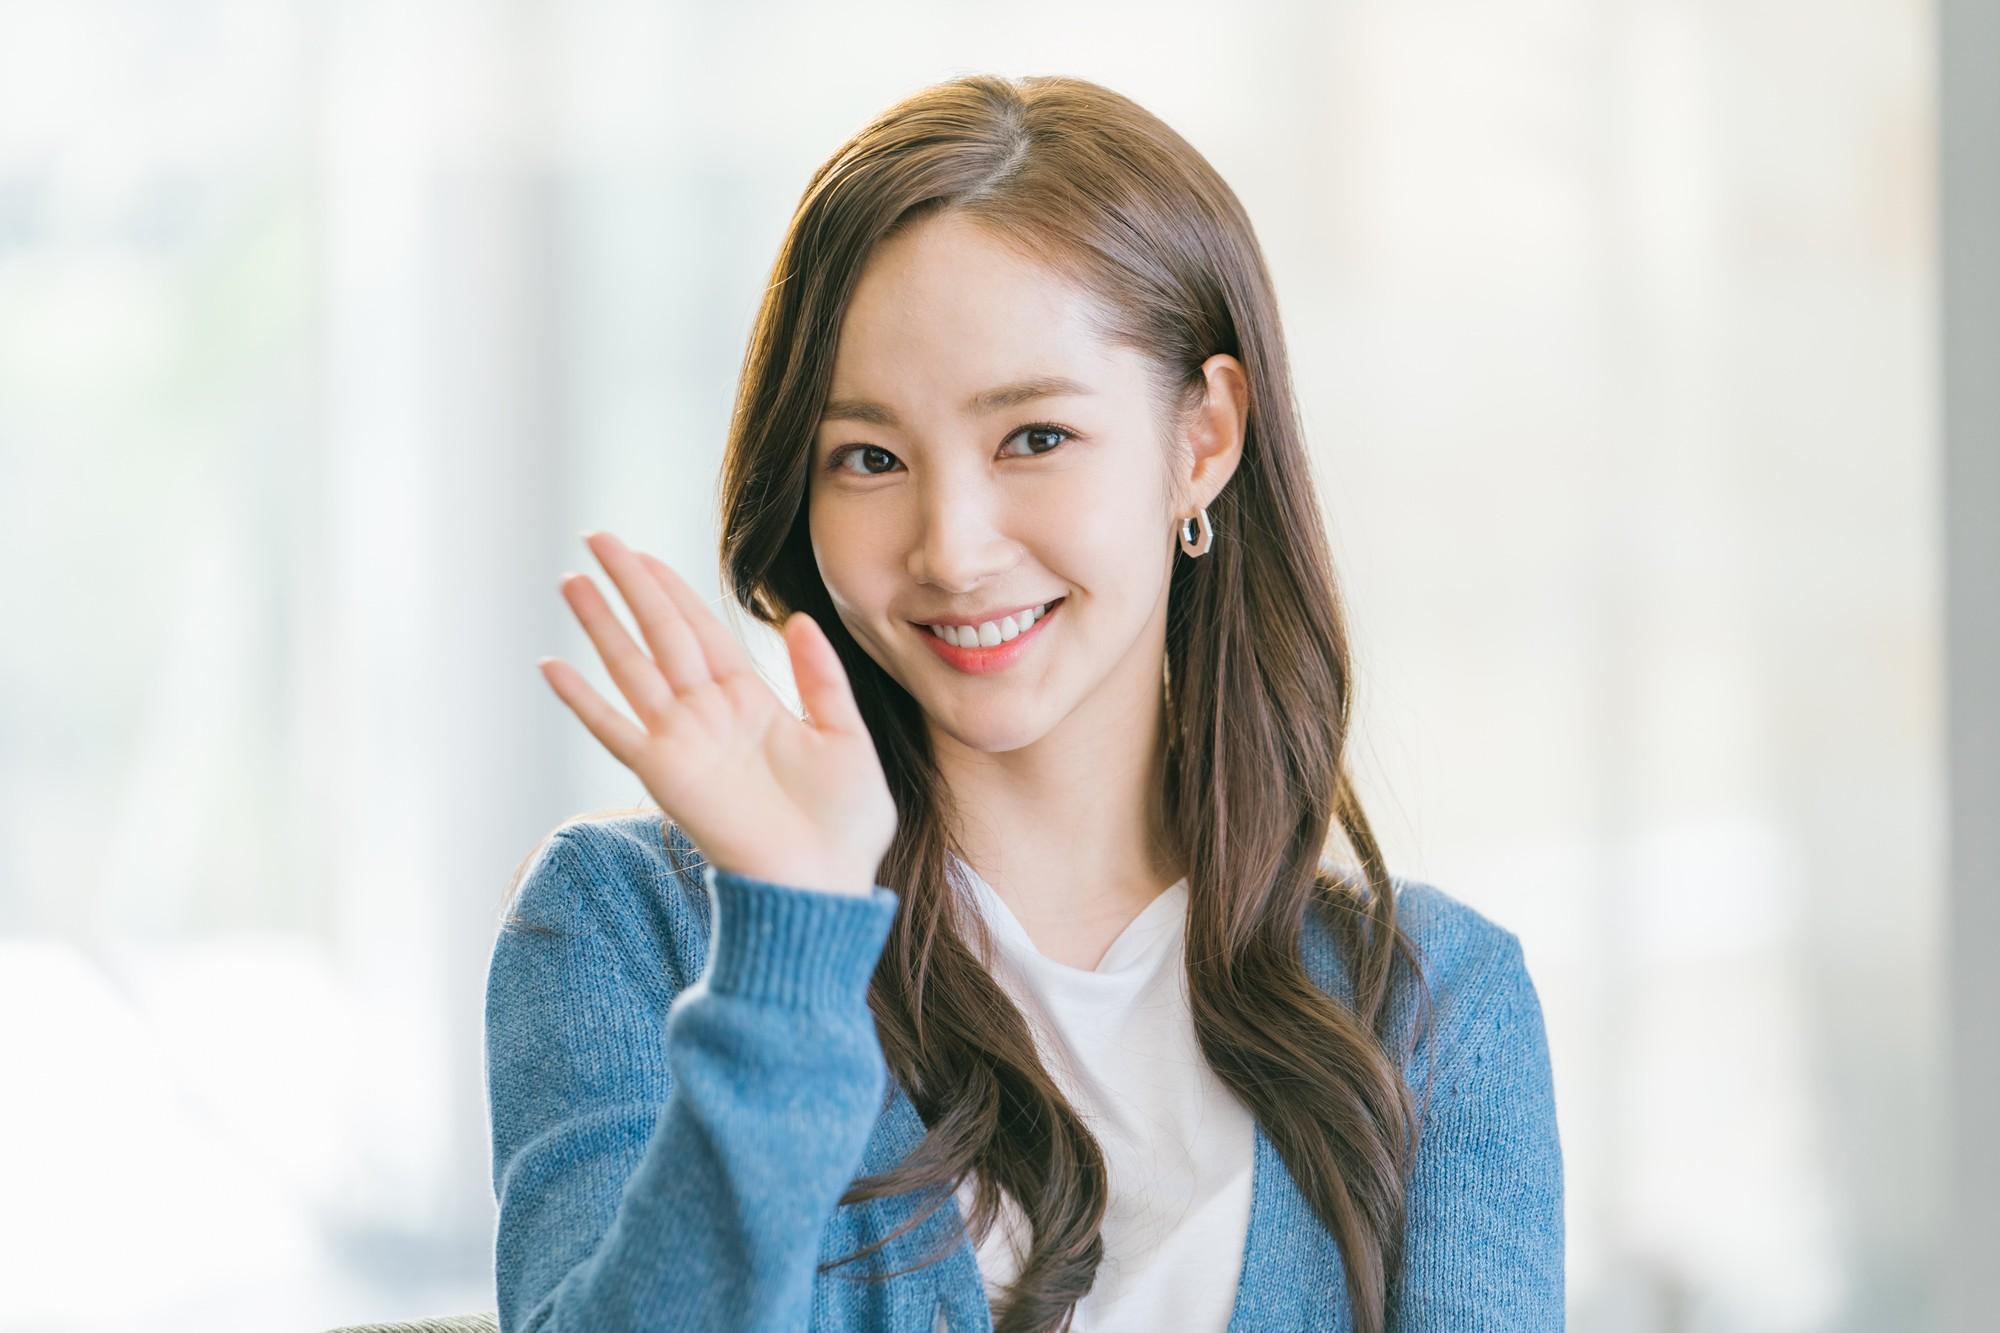 Còn lâu mới chiếu, phim mới của Park Seo Joon - Park Min Young đã gây sốt vì thời trang quá đẹp - Ảnh 15.